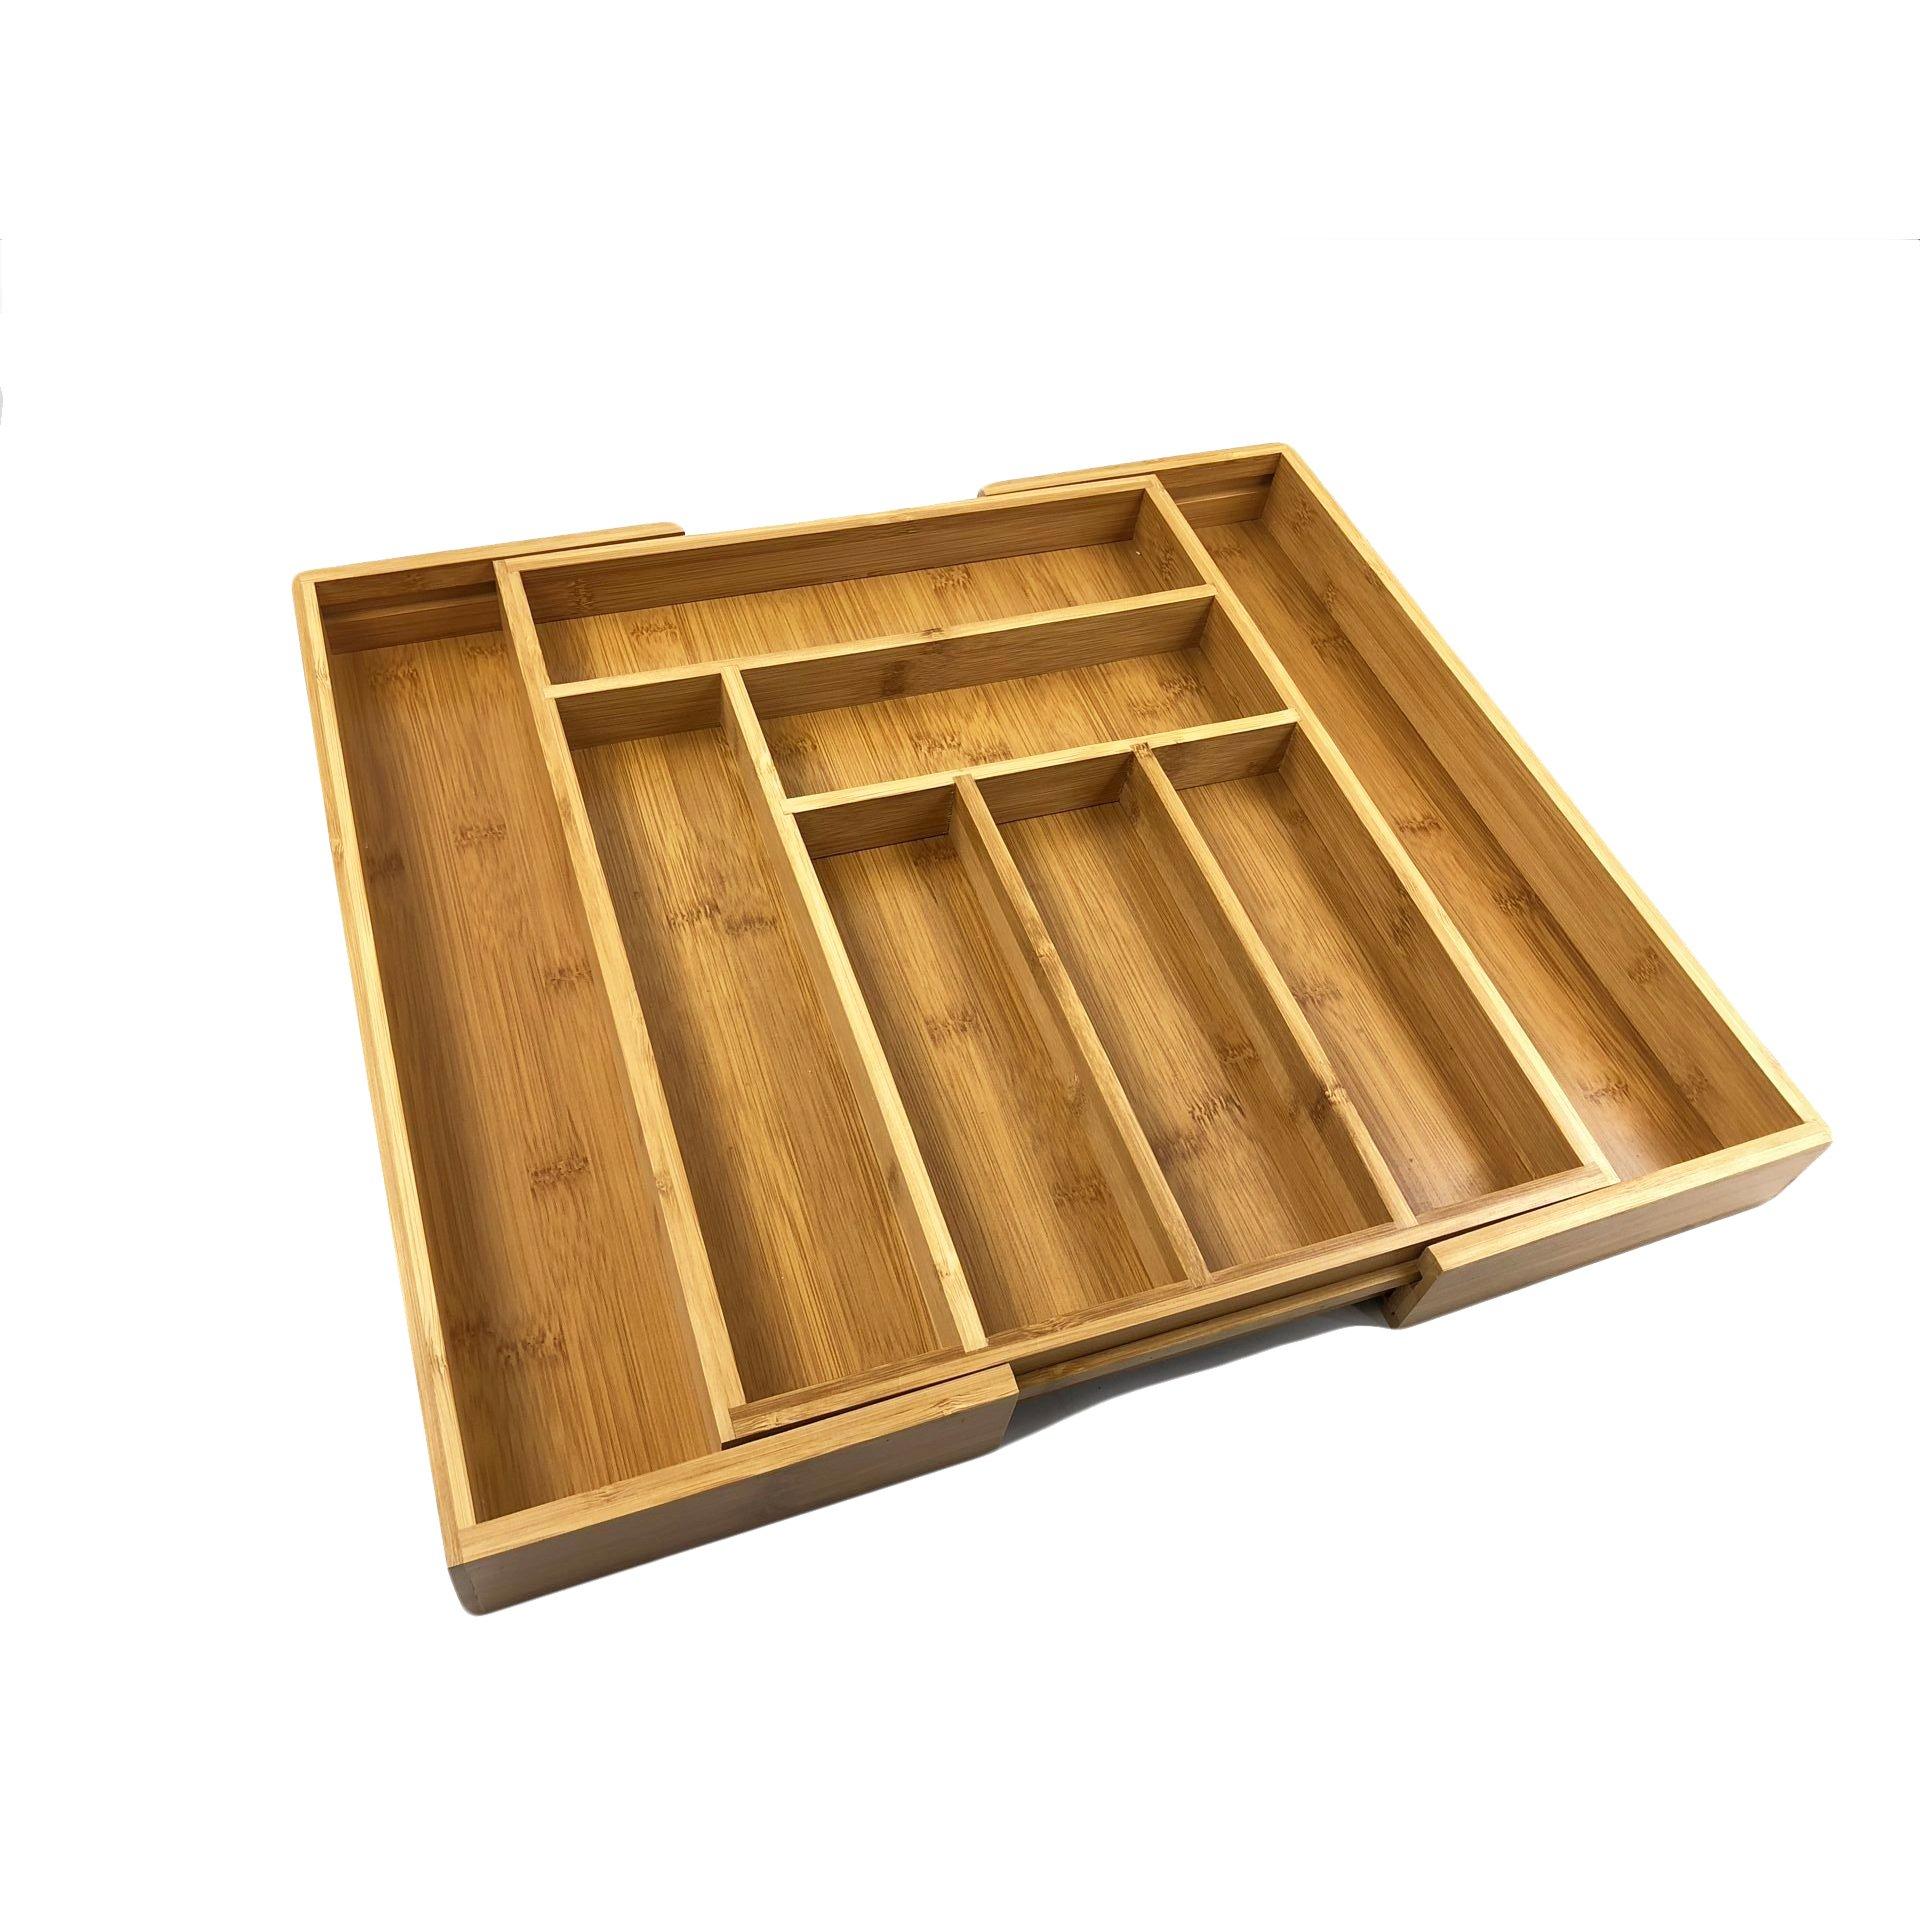 BAMSIRA Expandable Kitchen Drawer Organizers For Utensils,Adjustable Kitchen Drawer Dividers(8 compartments)